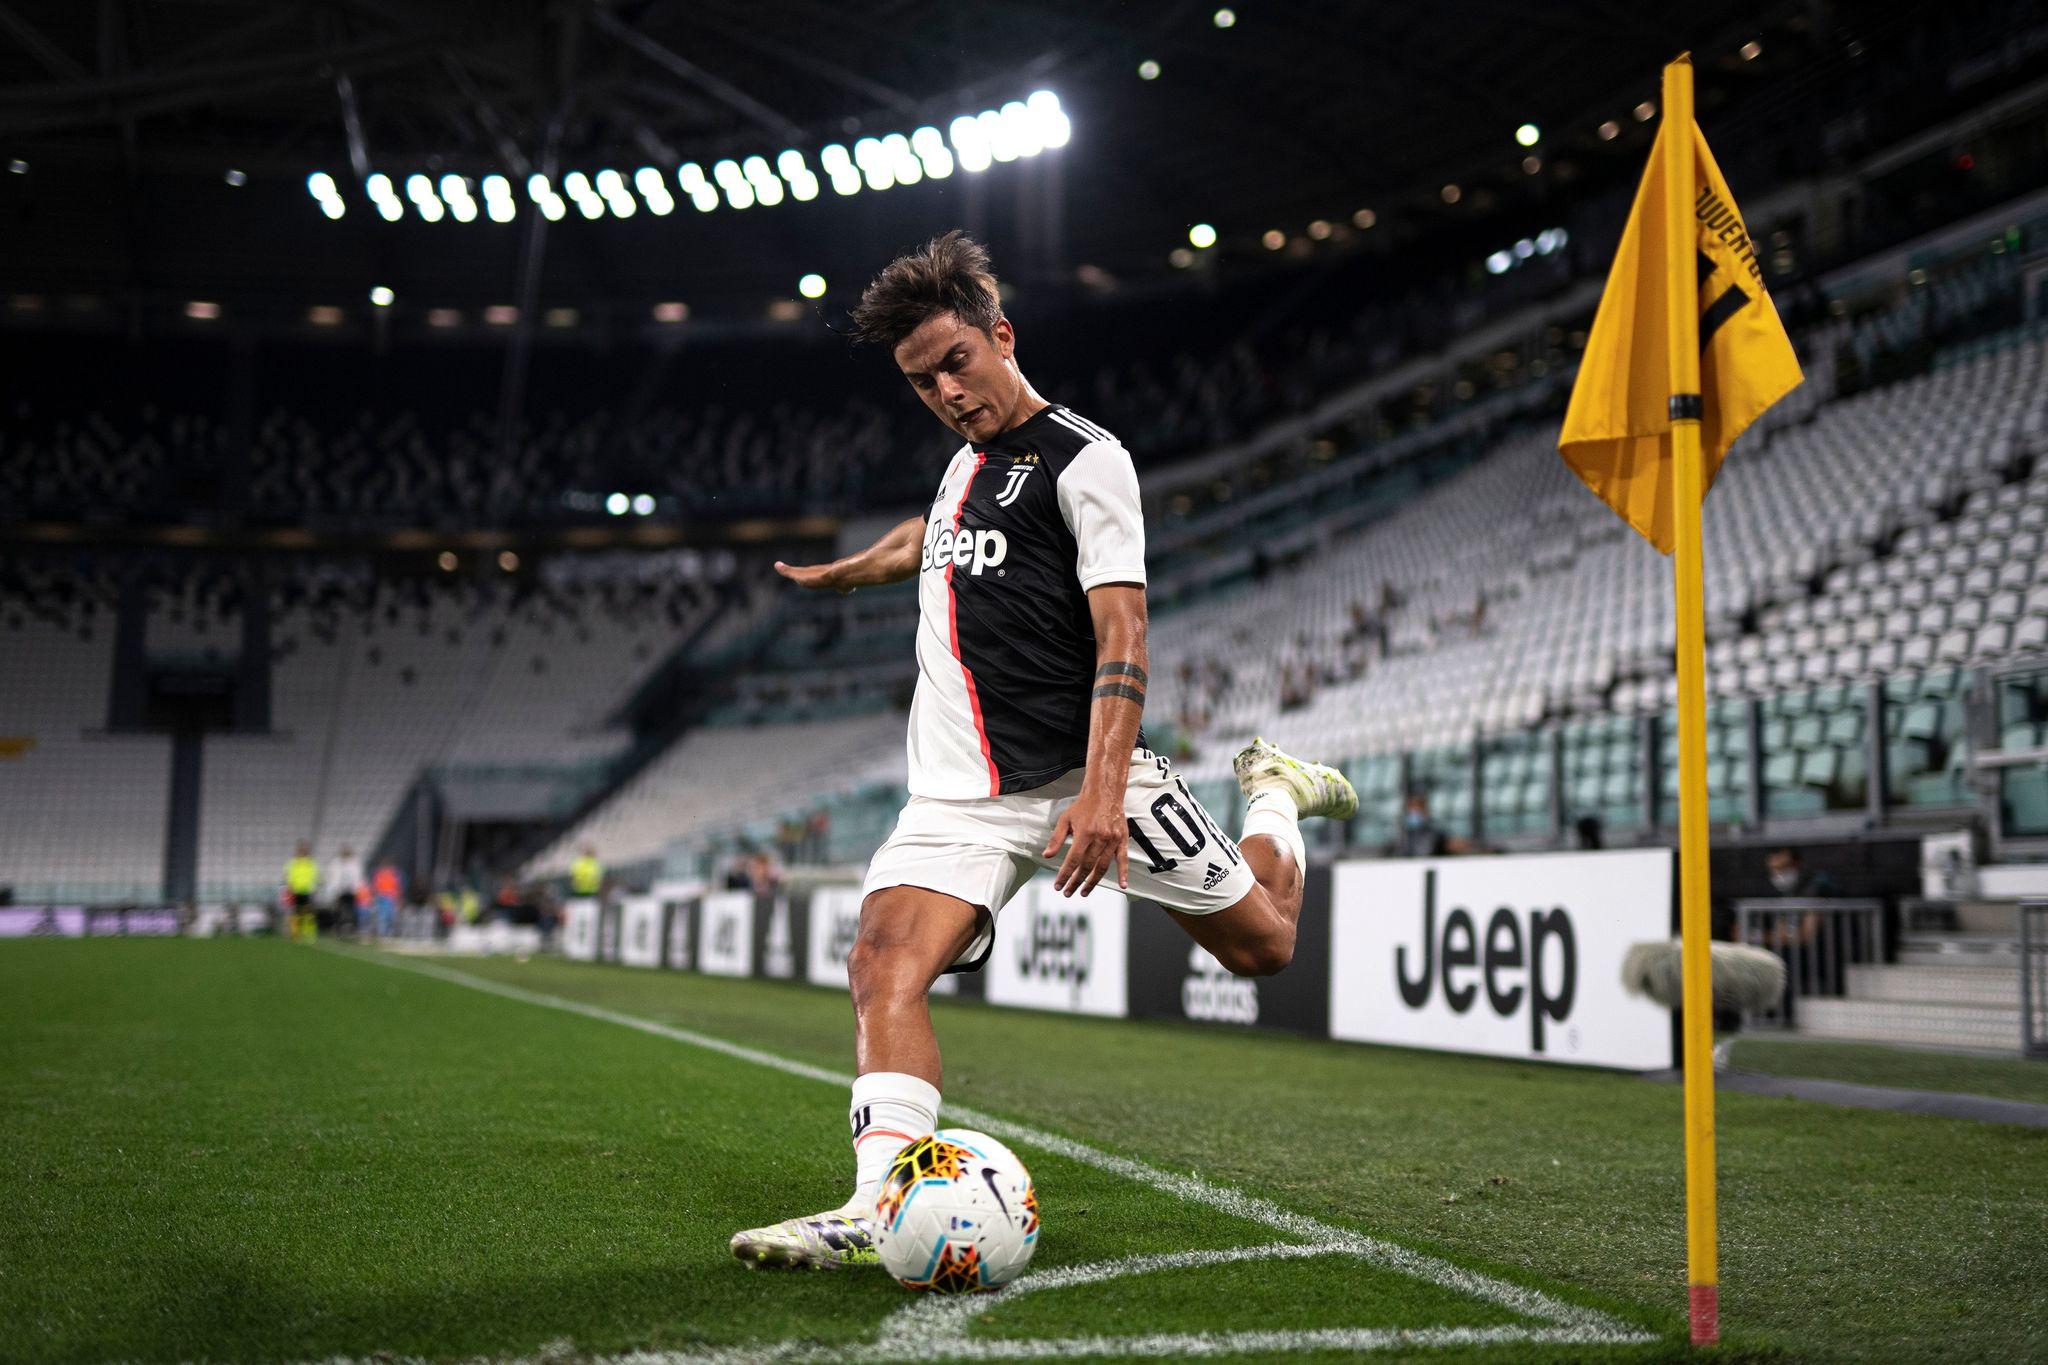 Dybala takes a corner for Juventus.